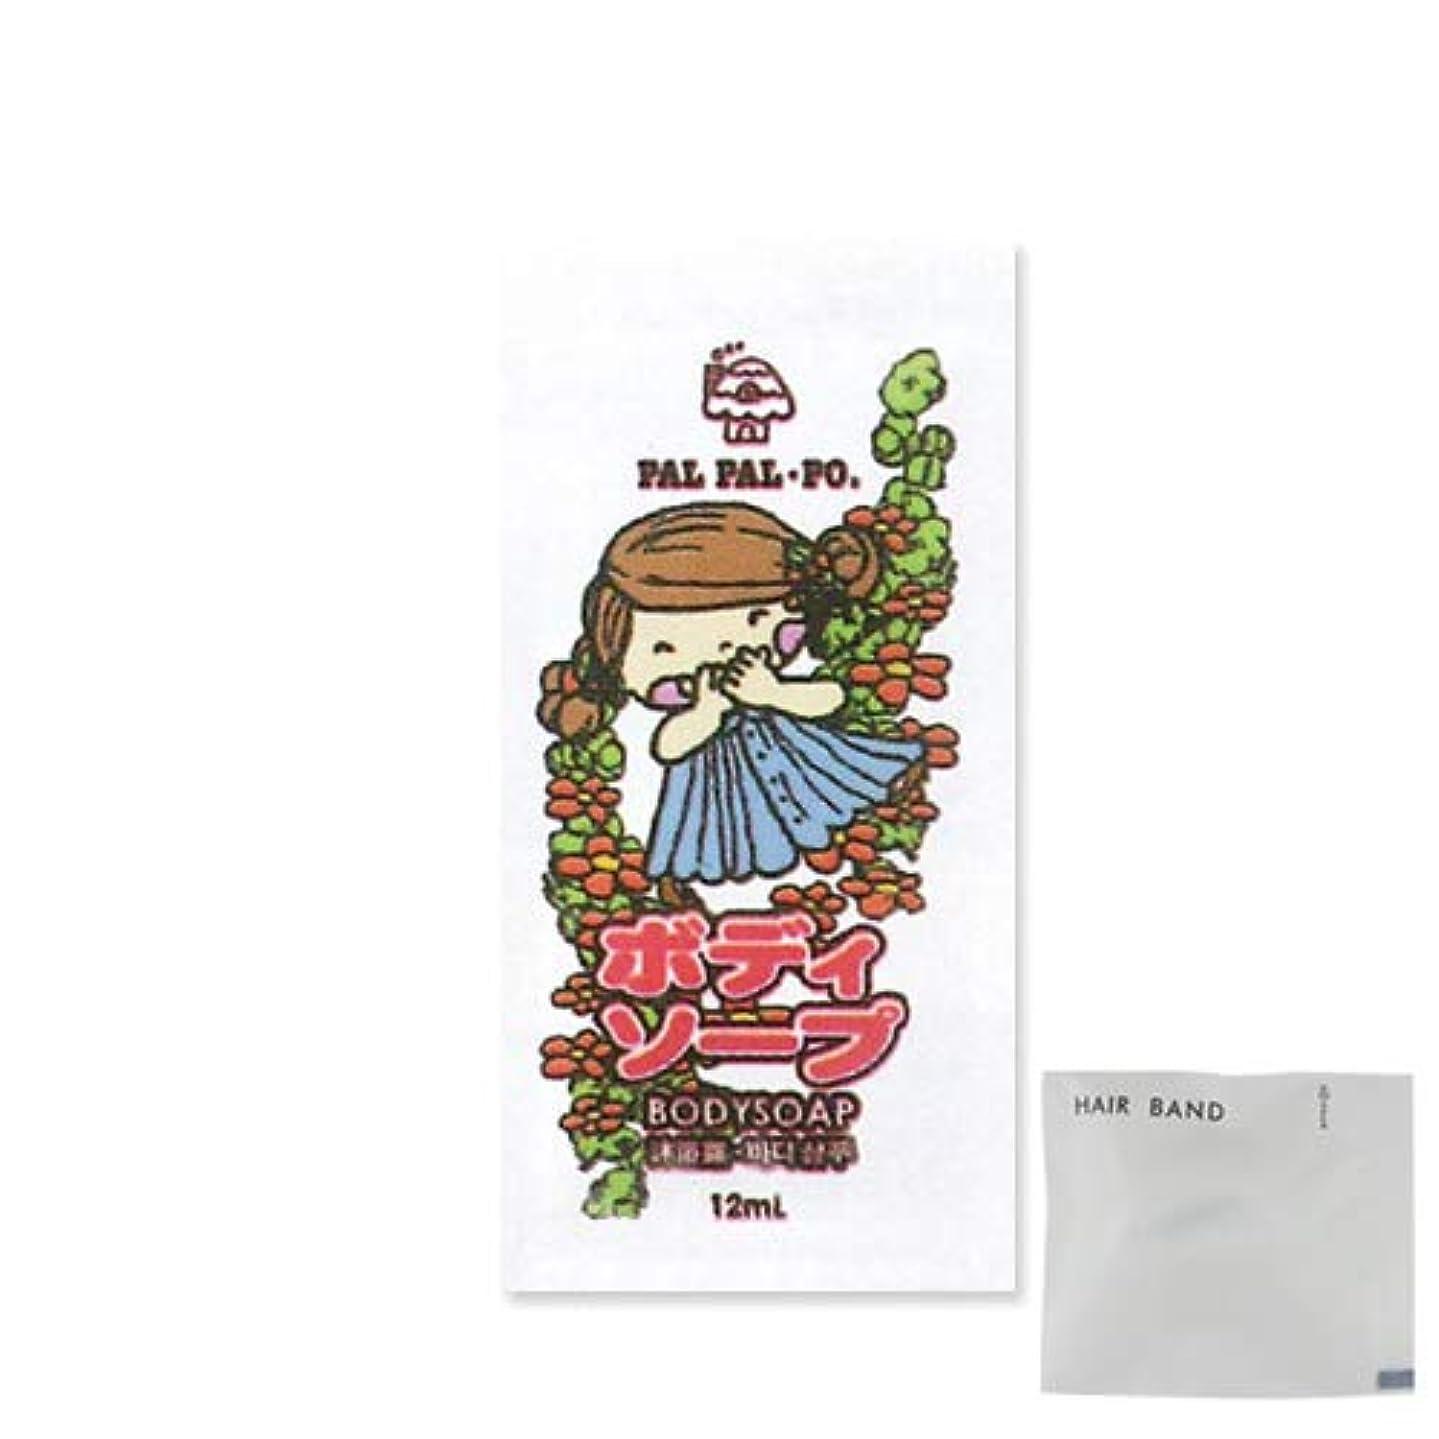 地下鉄医薬品過言パルパルポー(PAL PAL?PO) 子供用 ボディソープ(12mL) フローラルの香り ×20個セット + ヘアゴム(カラーはおまかせ)セット